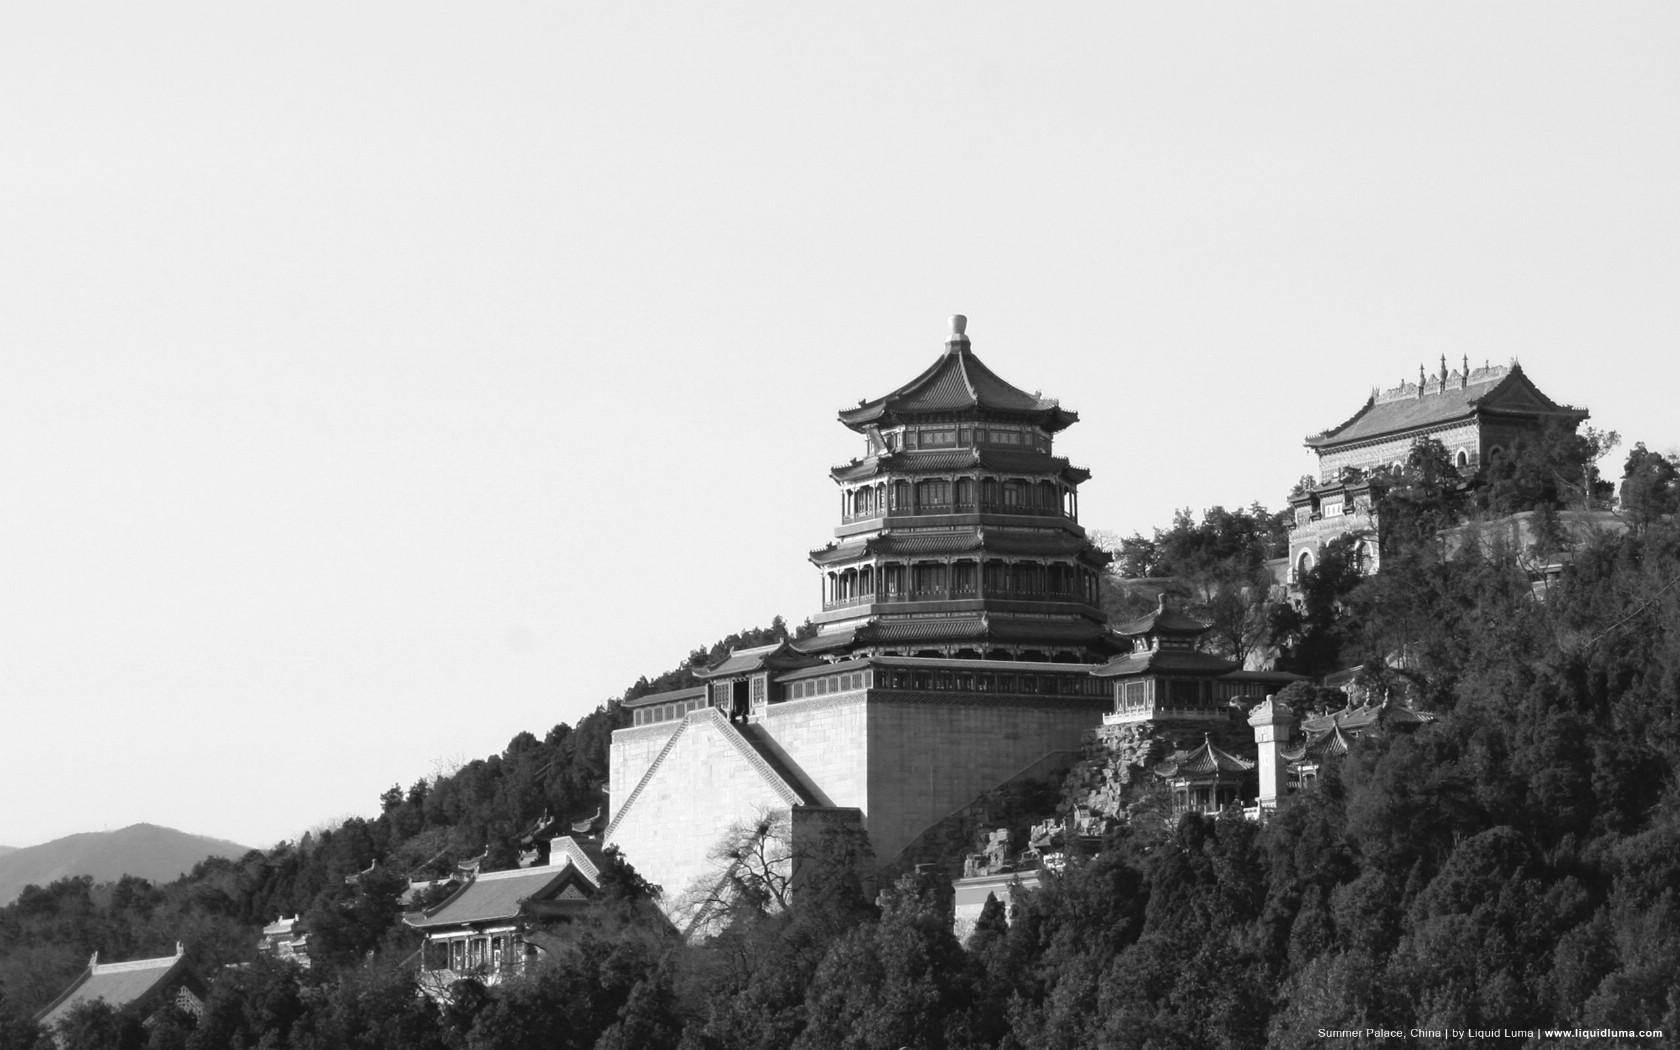 壁纸1680×1050纯粹的光影美学 人文建筑黑白摄影壁纸 Summer Palace China 北京颐和园桌面壁纸壁纸 纯粹的光影美学人文建筑黑白摄影壁纸壁纸图片人文壁纸人文图片素材桌面壁纸